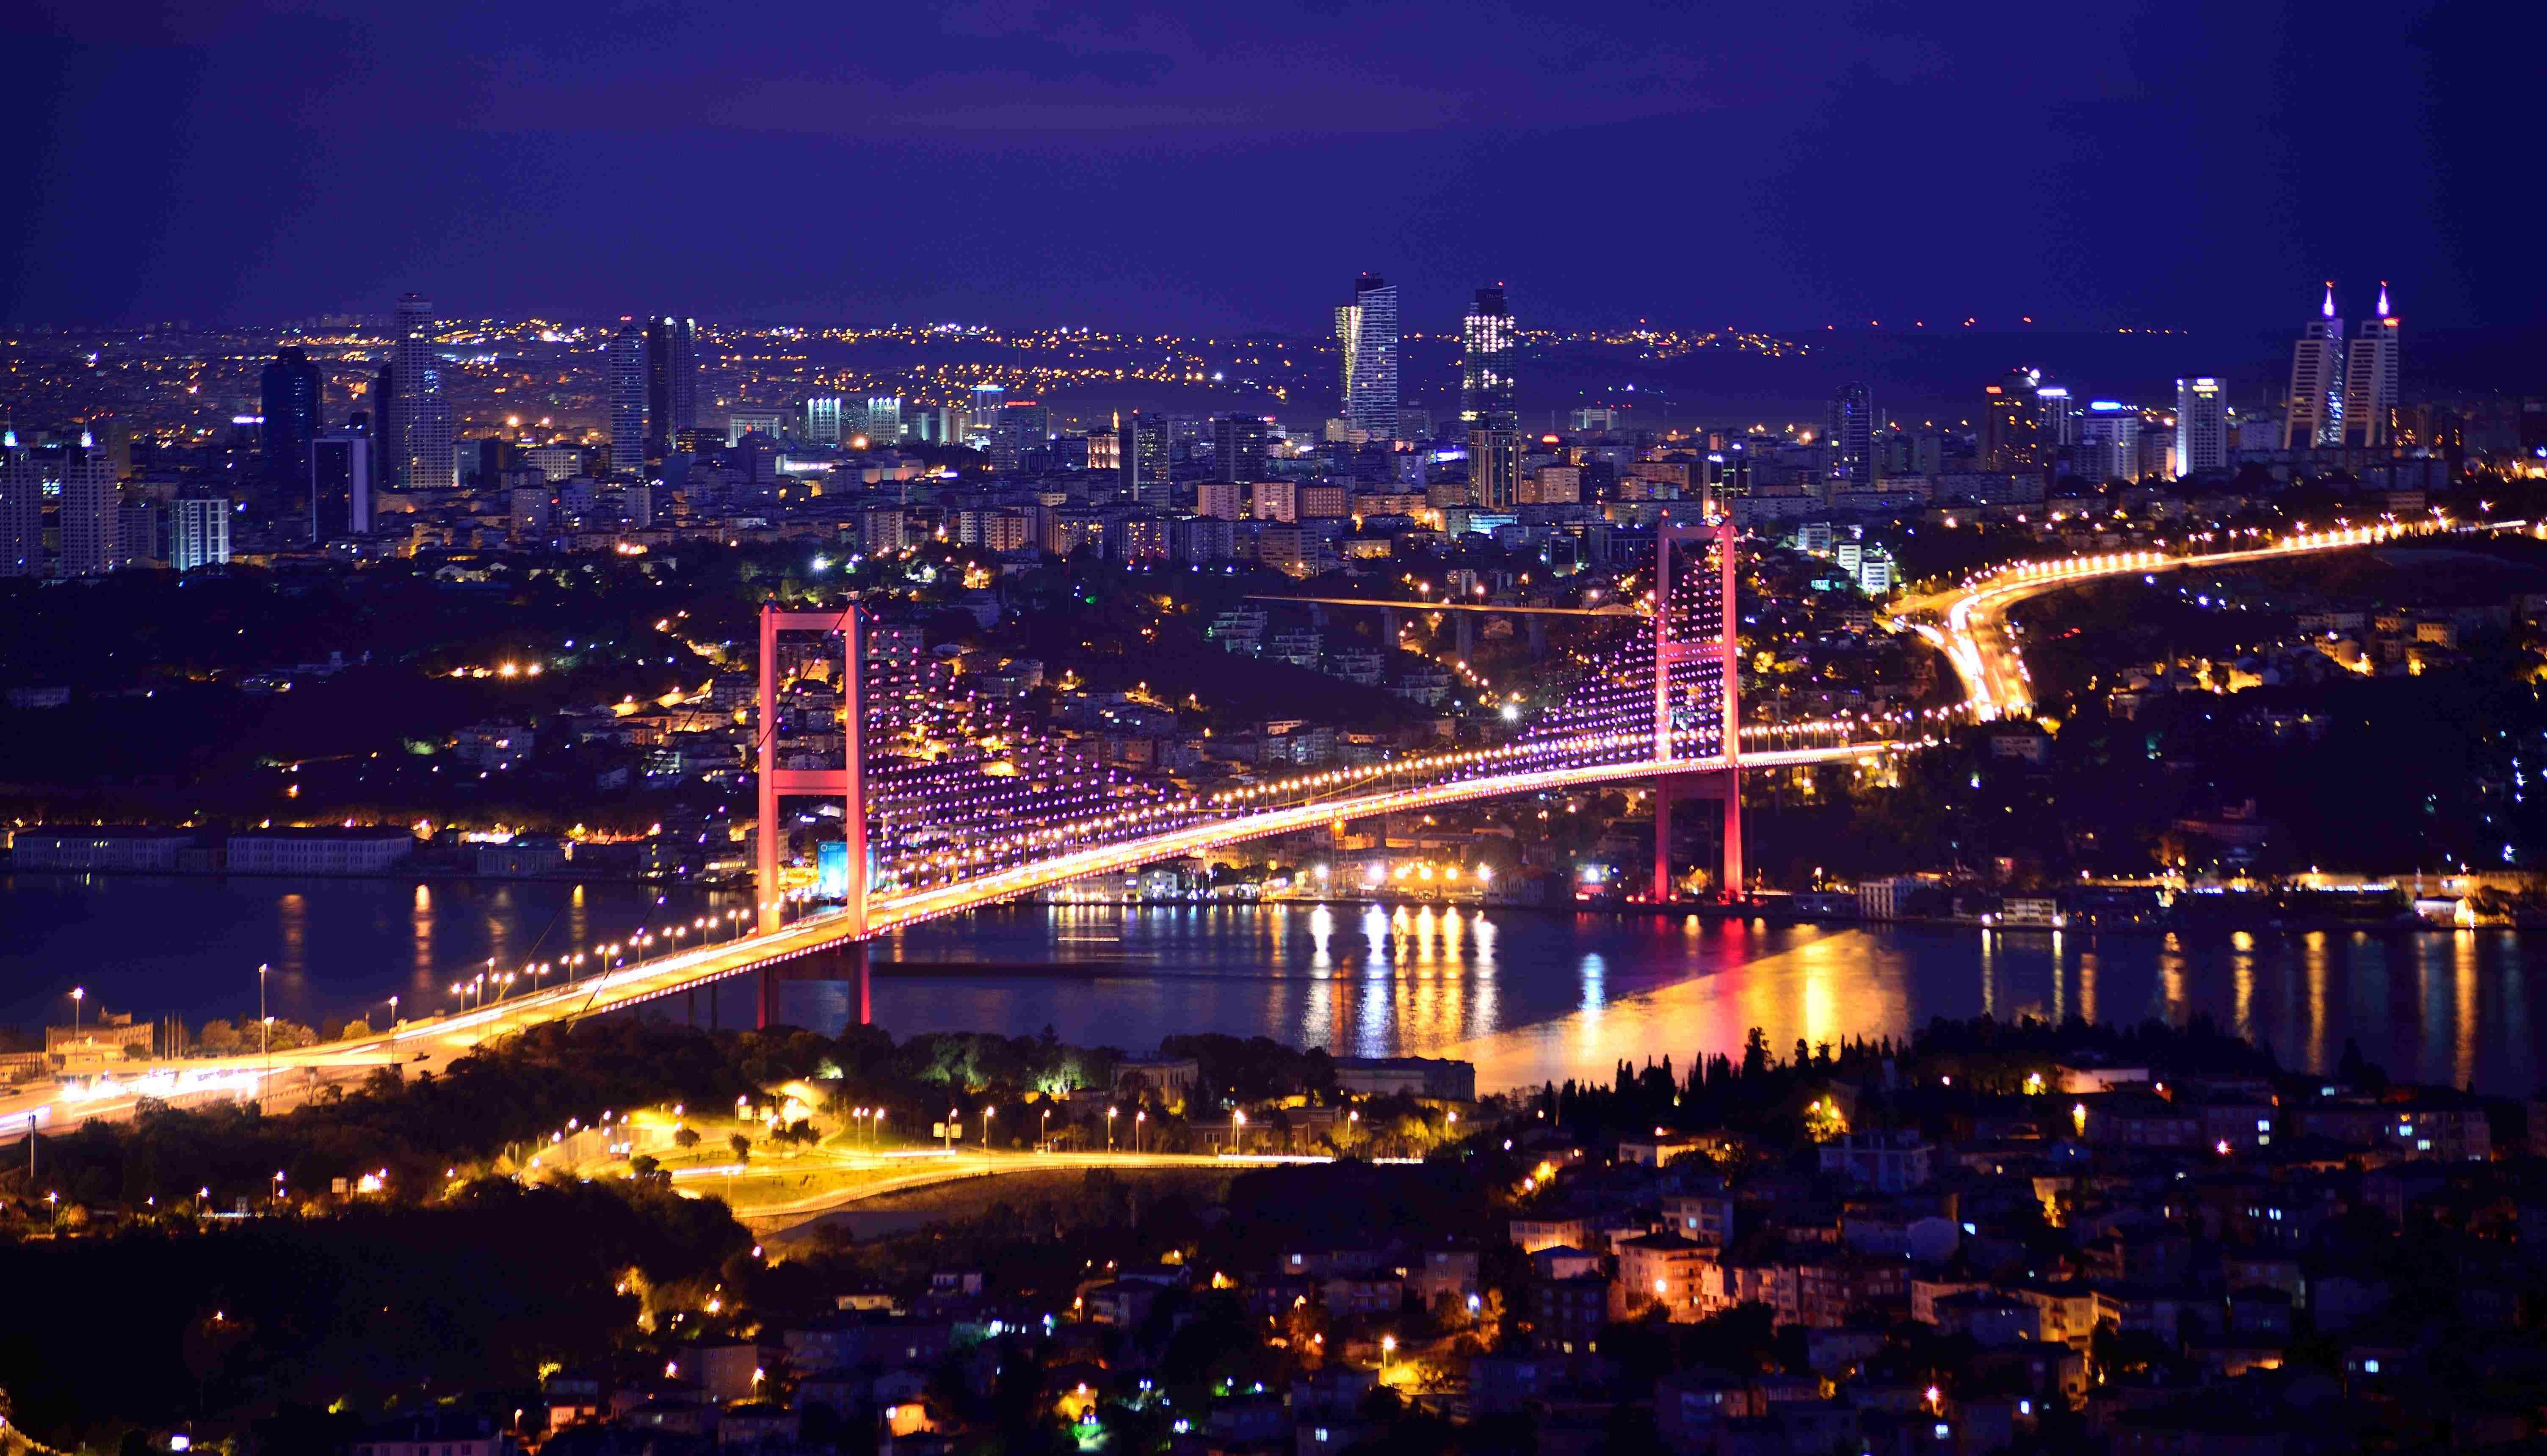 Istanbul-Bosphorus-at-Night